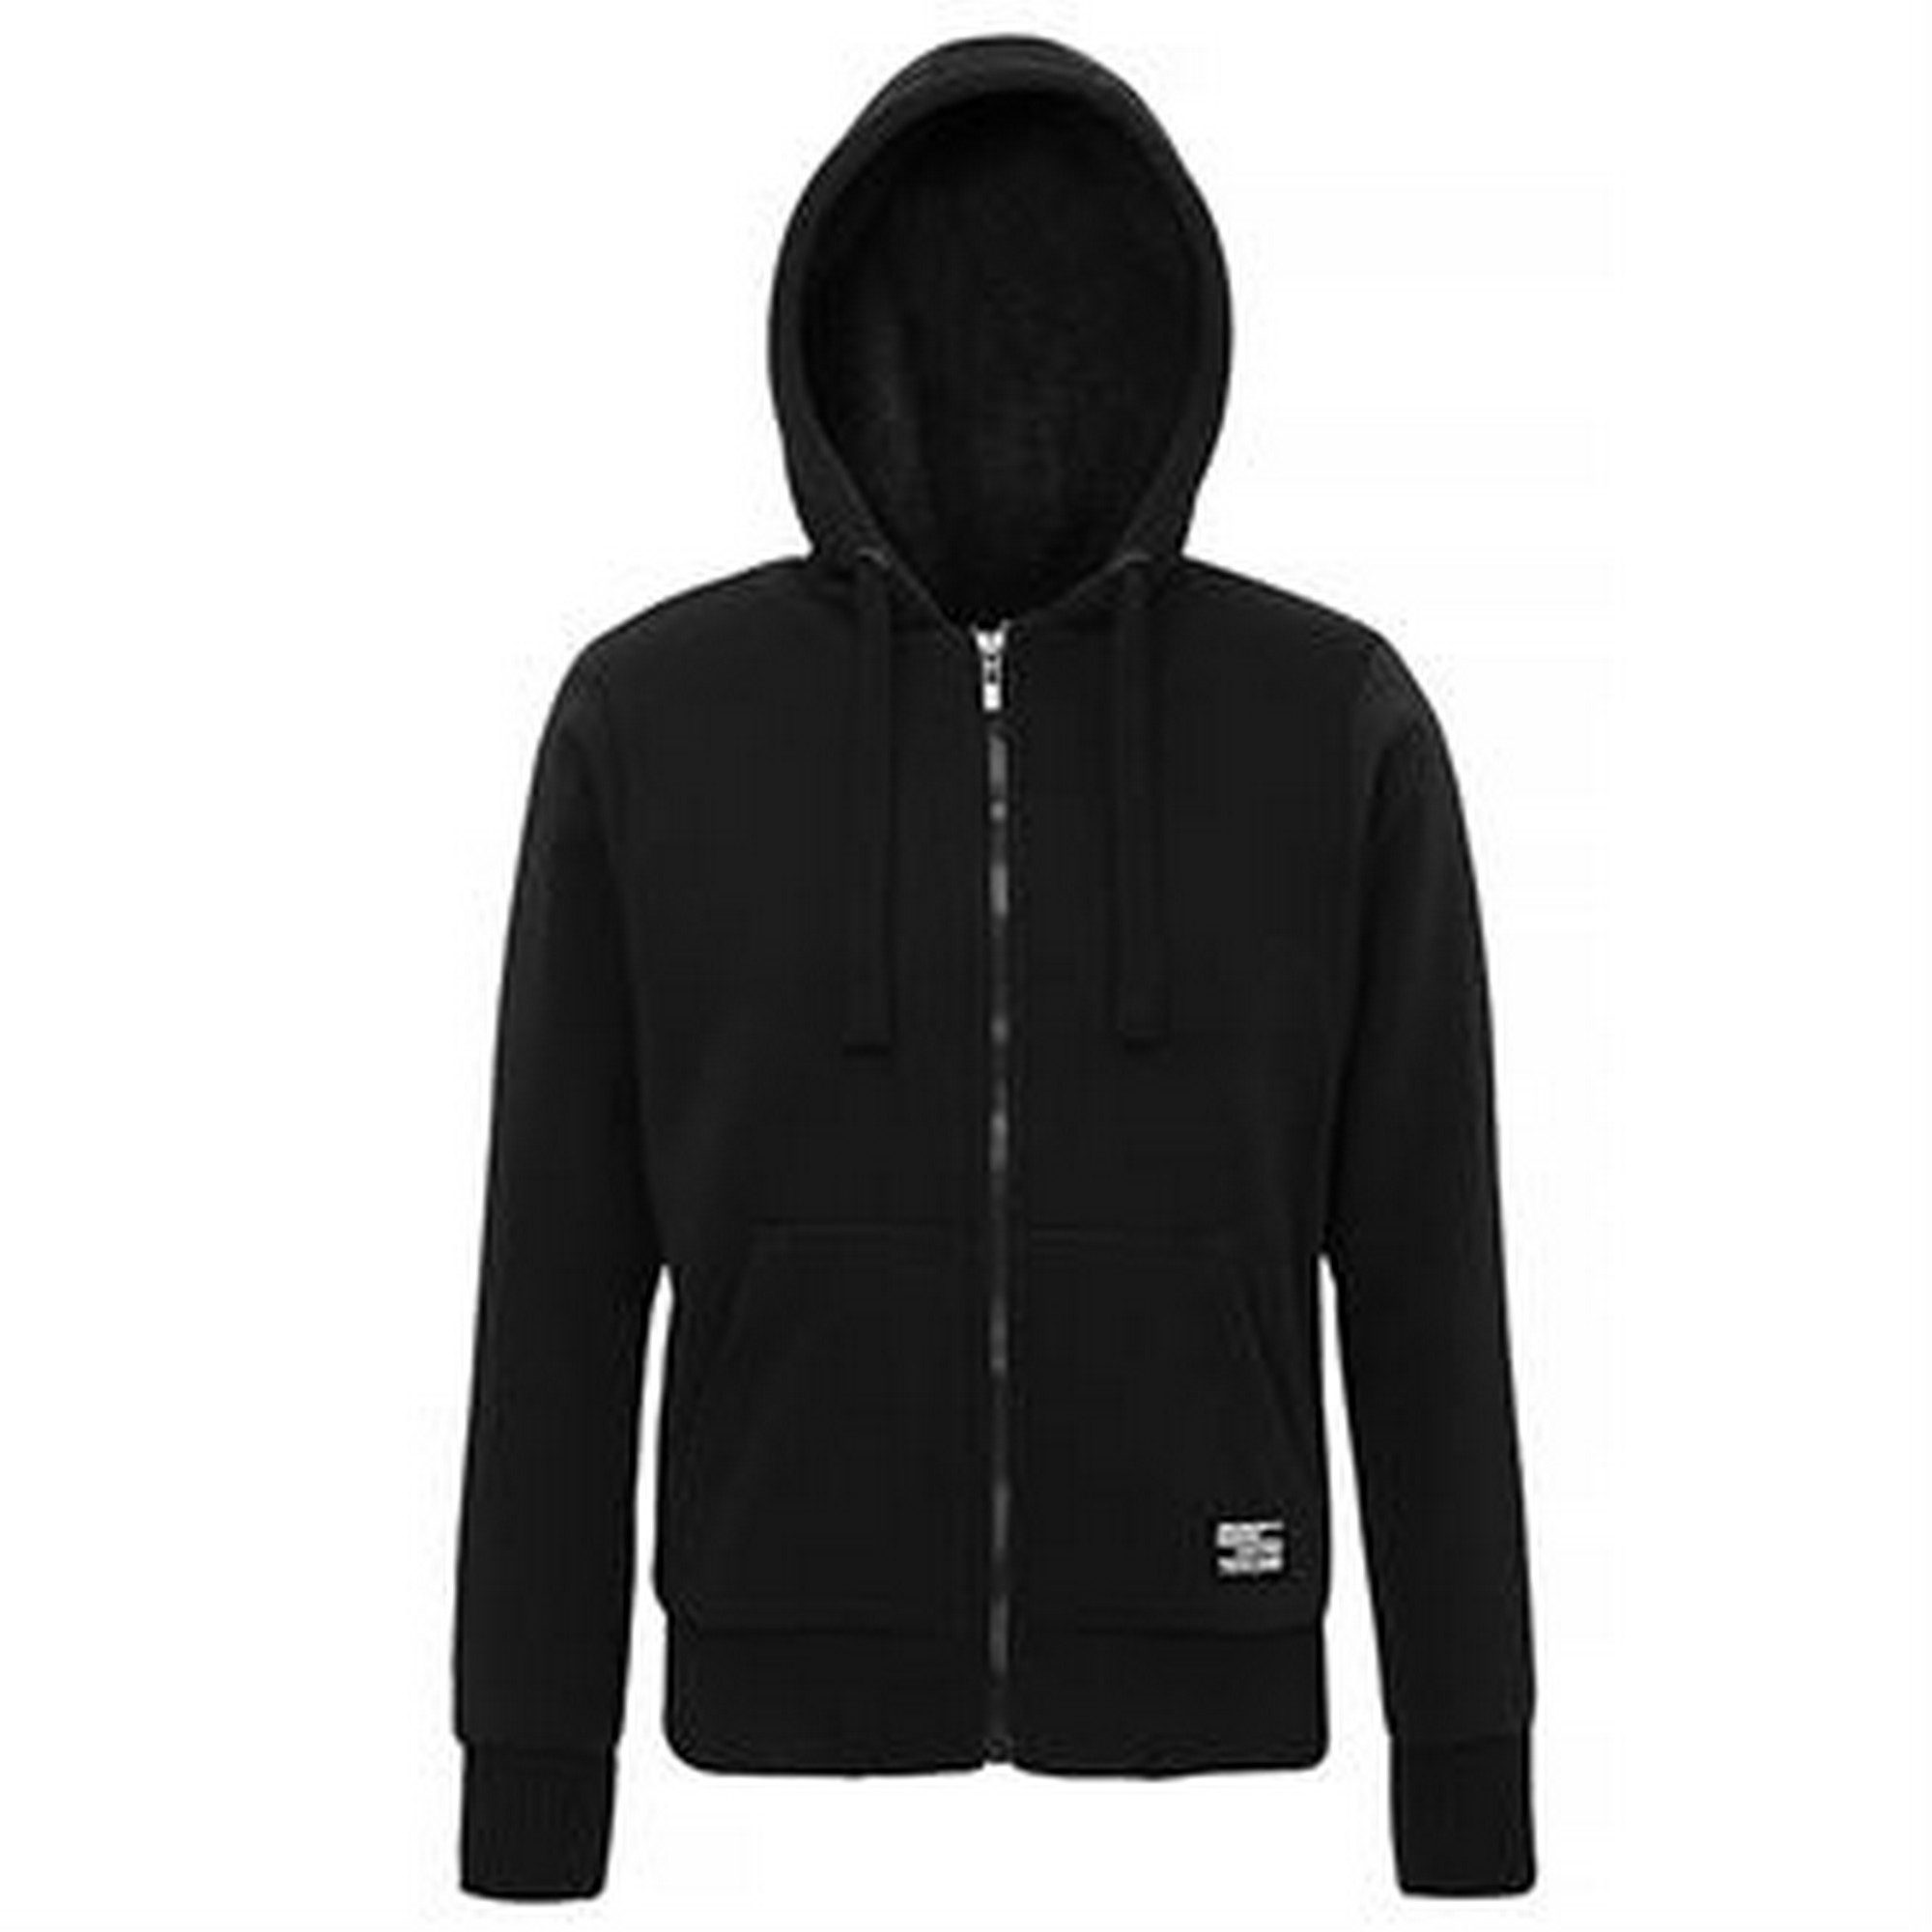 Fleece lined hoodies